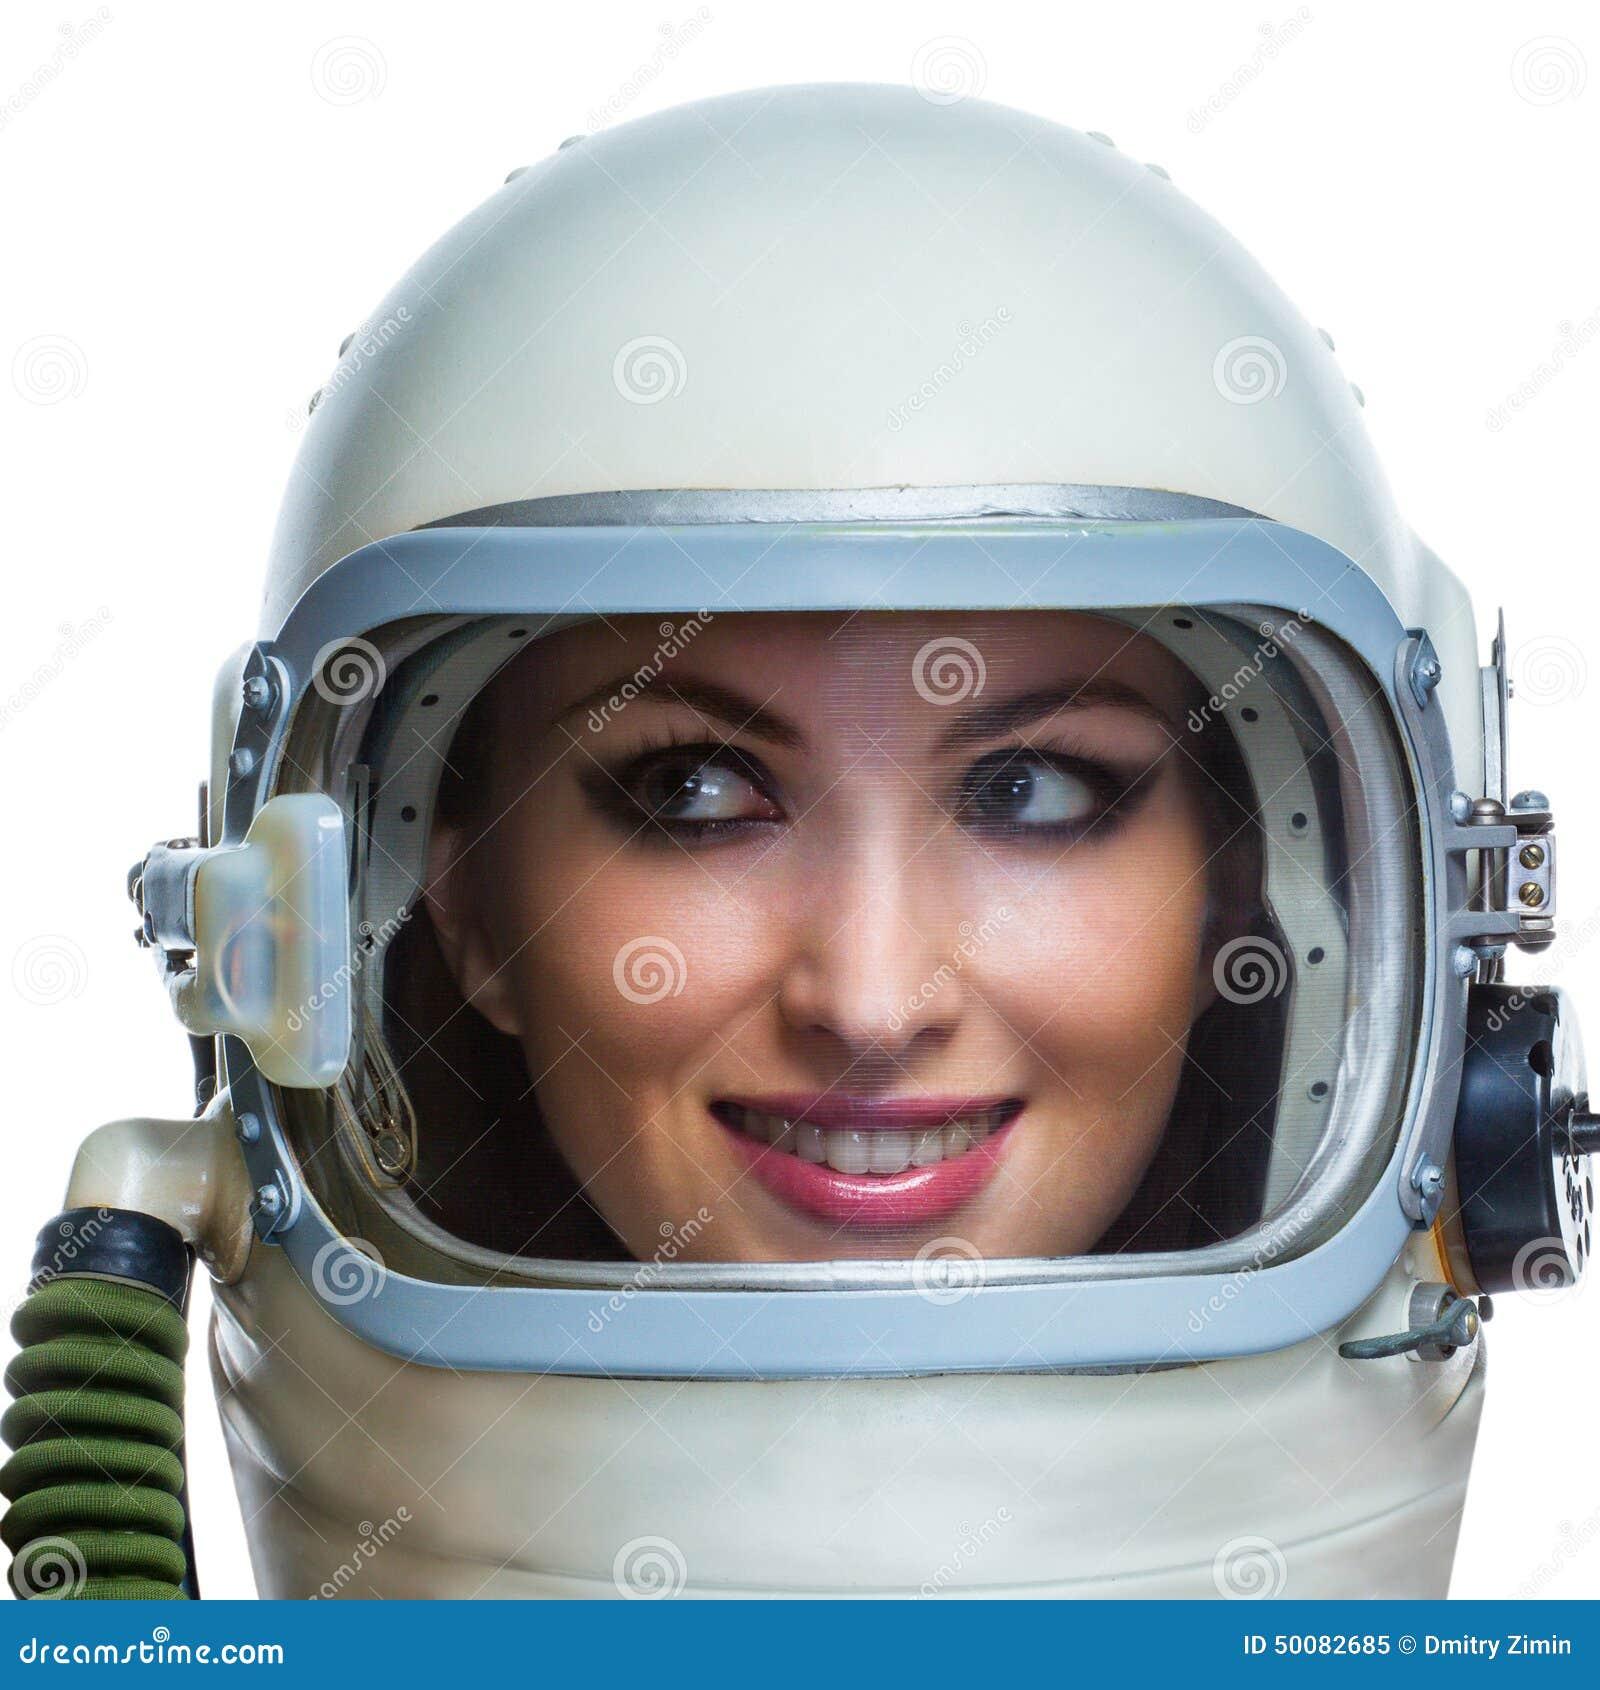 white women astronaut - photo #41